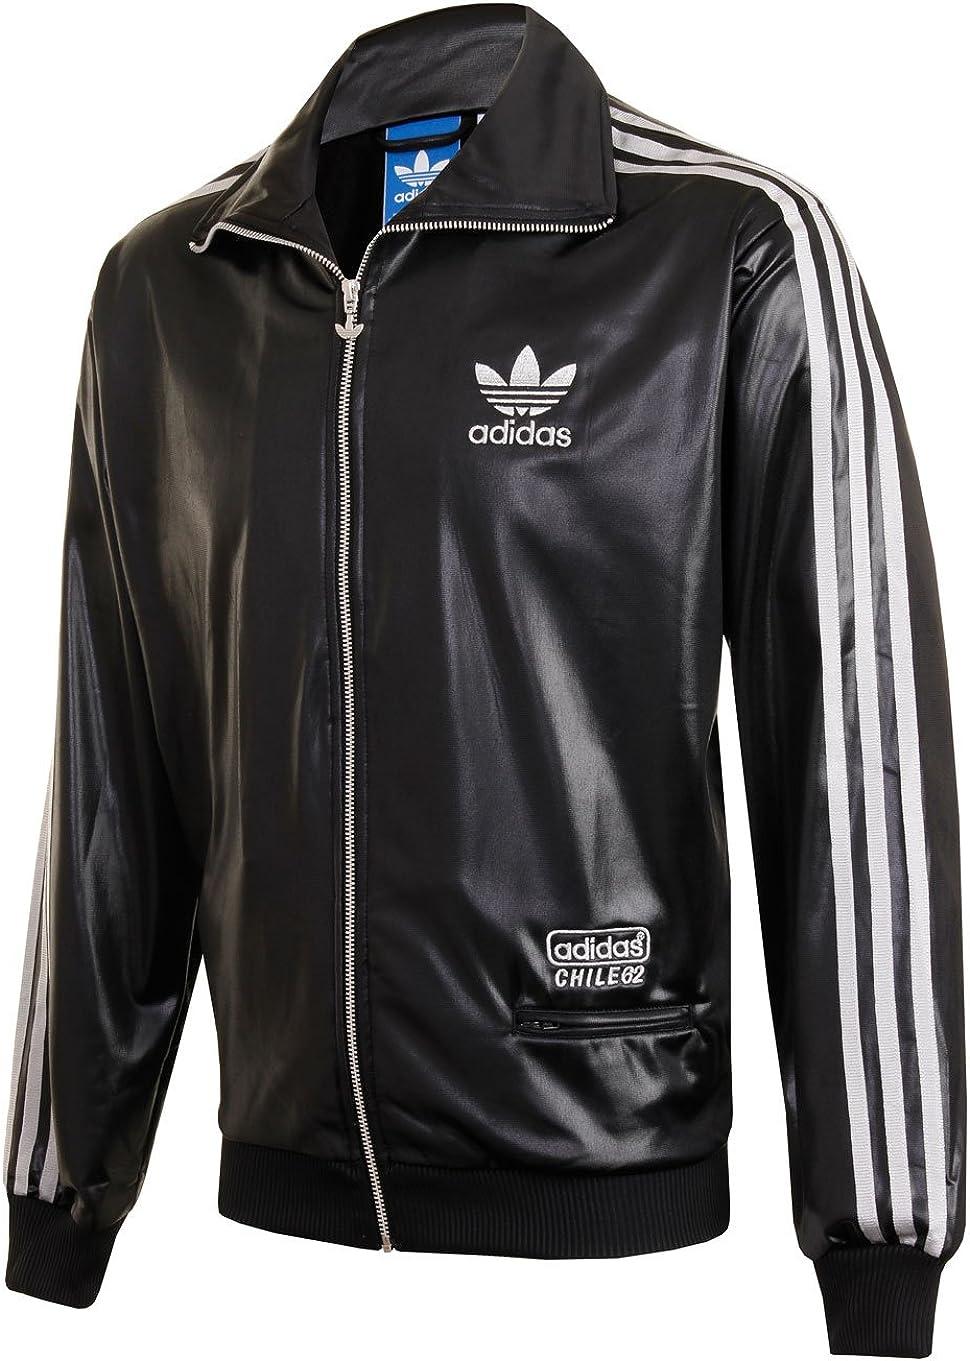 ADIDAS CHILE Jacke Farbe Schwarz Größe 38 EUR 10,00